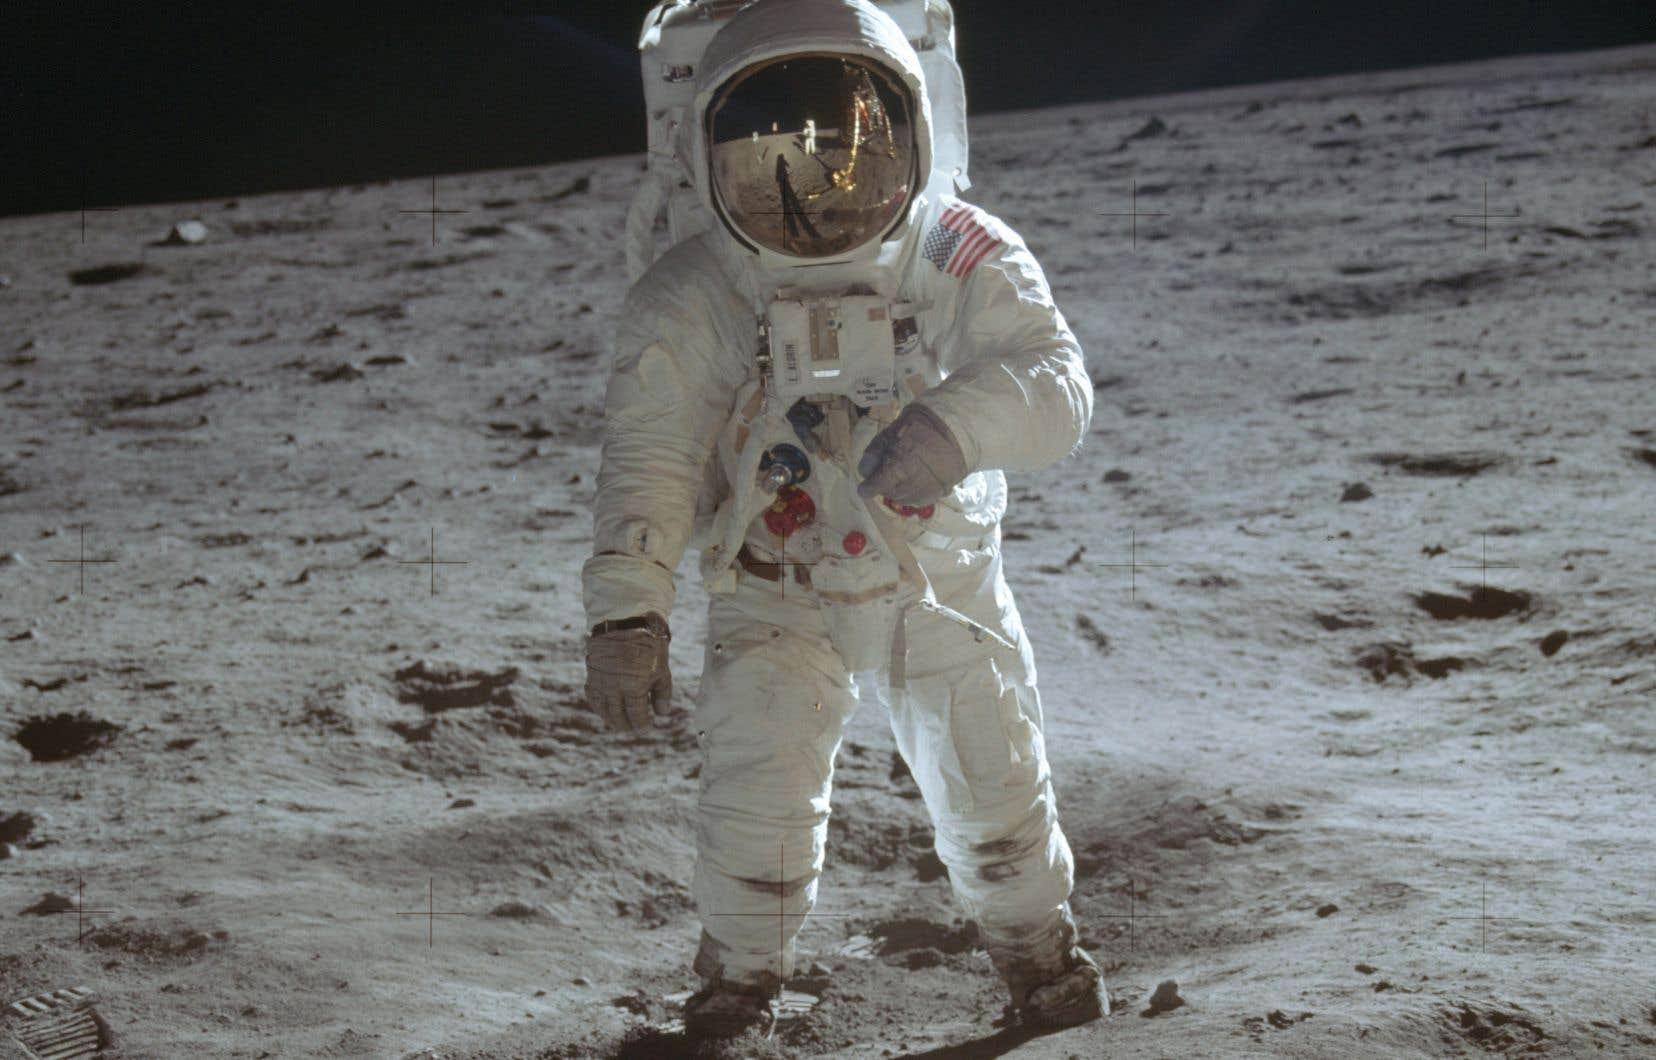 «Après Apollo 11, la NASA a dirigé cinq autres missions réussies vers la Lune. Cela fait qu'un total de 12 êtres humains, dans le cadre de six missions, ont marché sur la Lune entre juillet 1969 et décembre 1972», rappelle l'auteur.